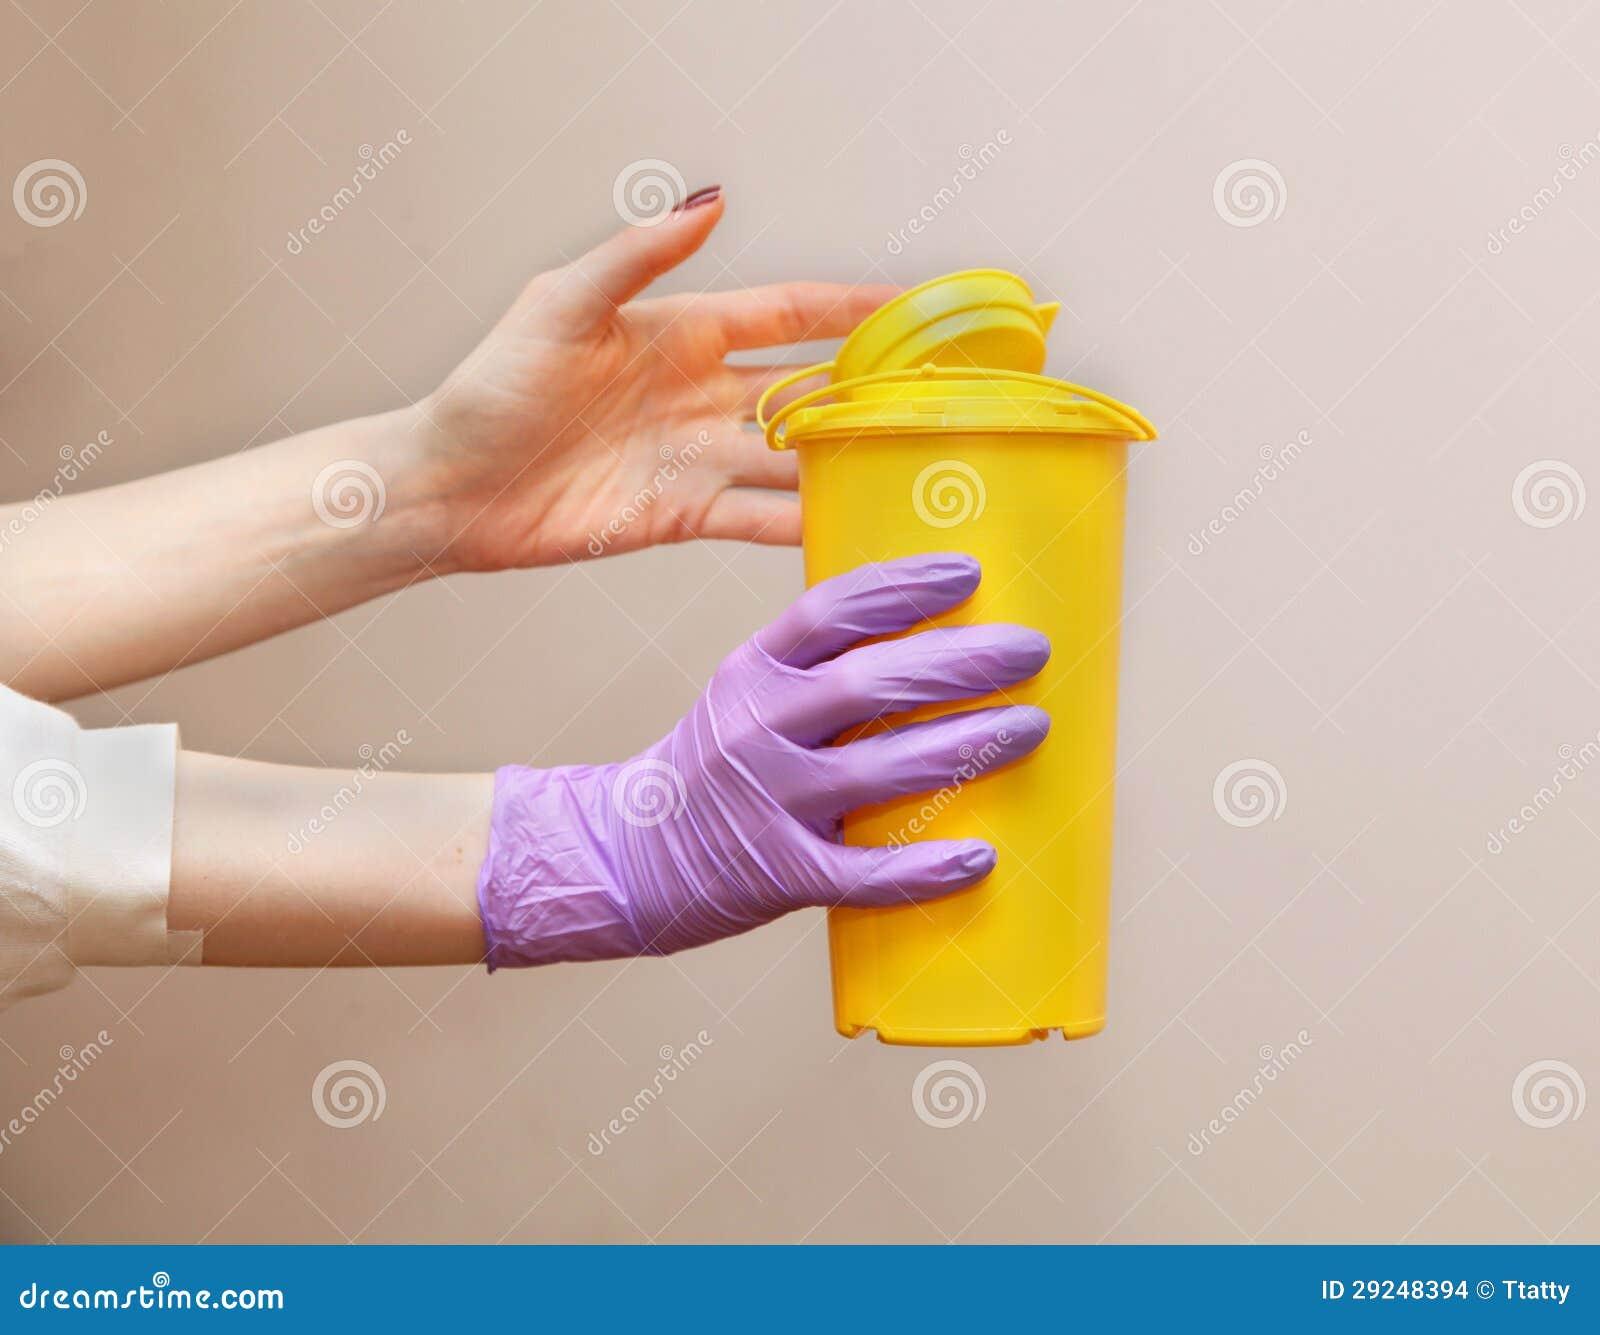 Download Recipiente waste médico foto de stock. Imagem de descartável - 29248394